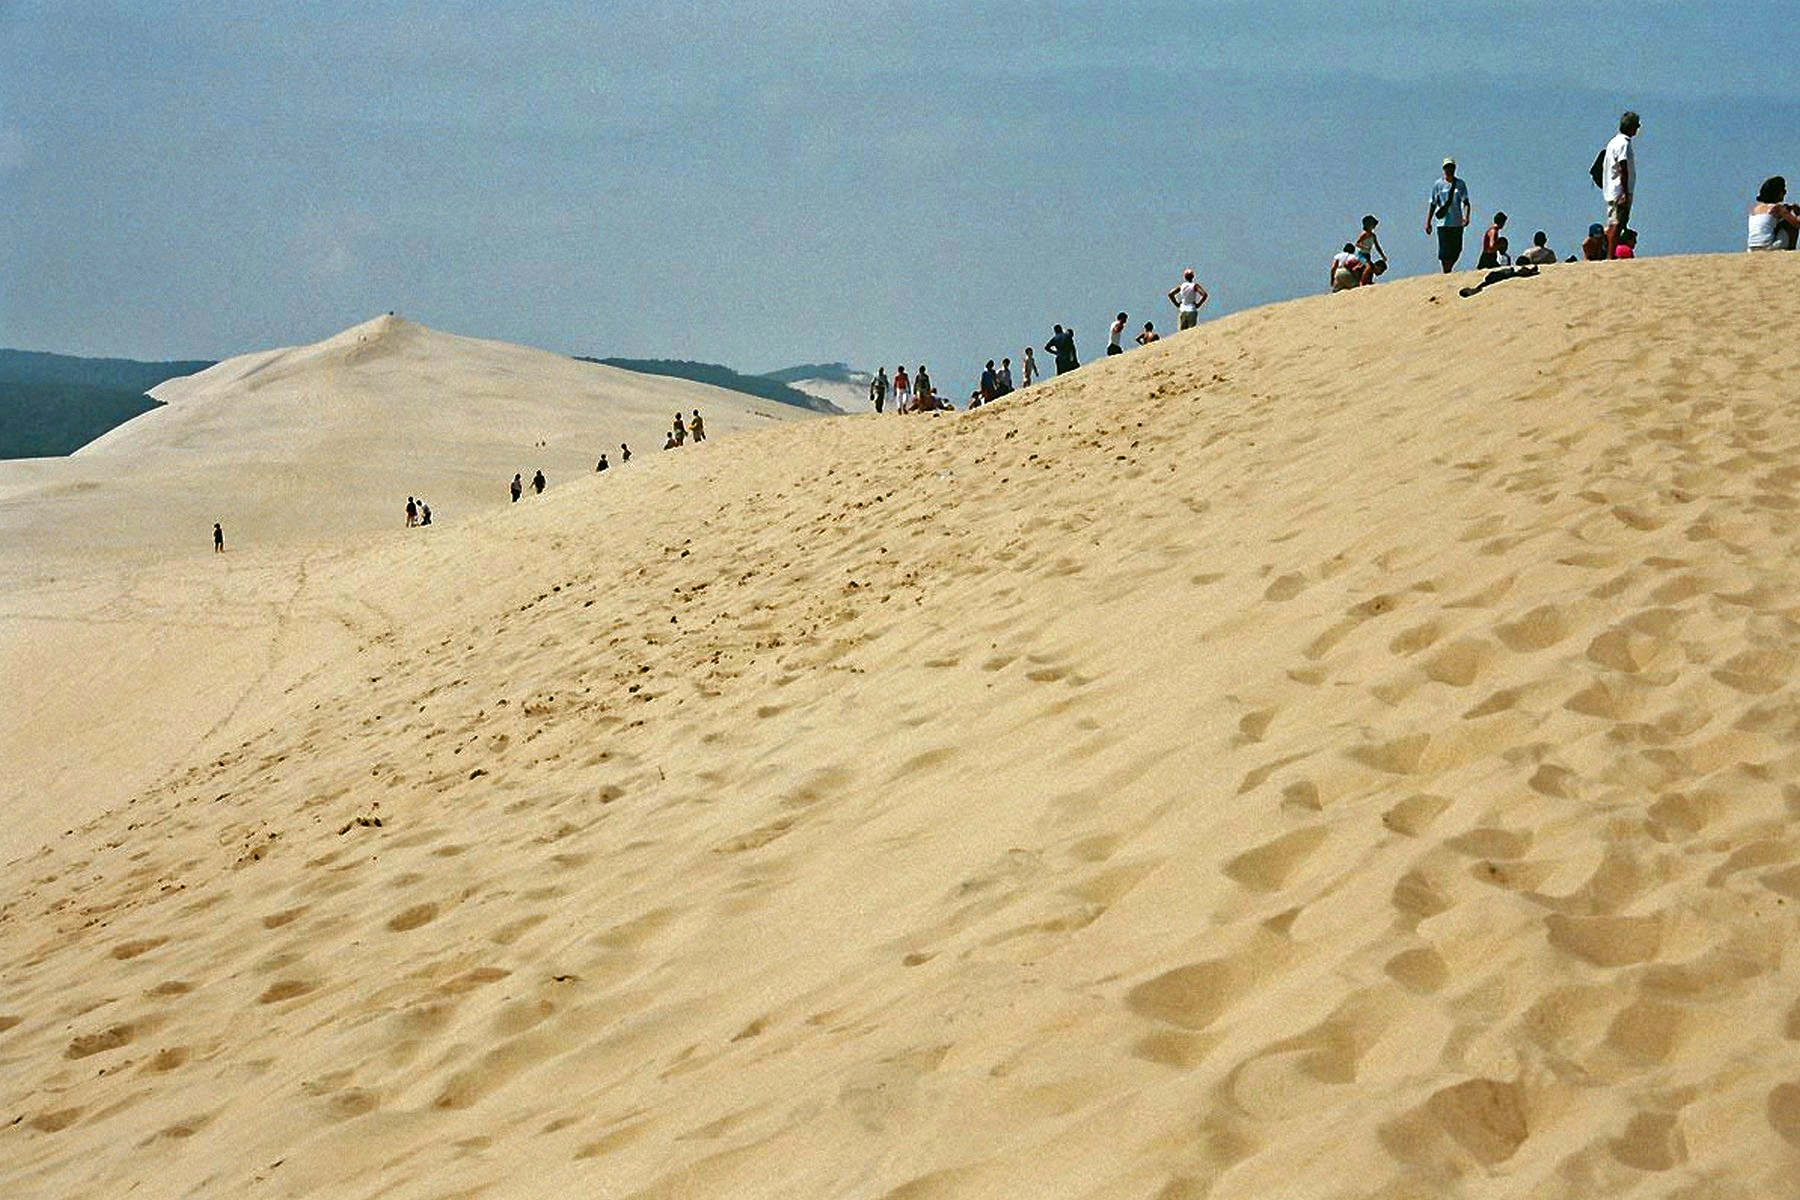 La dune du pilat h tel restaurant la caravelle - Restaurant dune du pilat ...